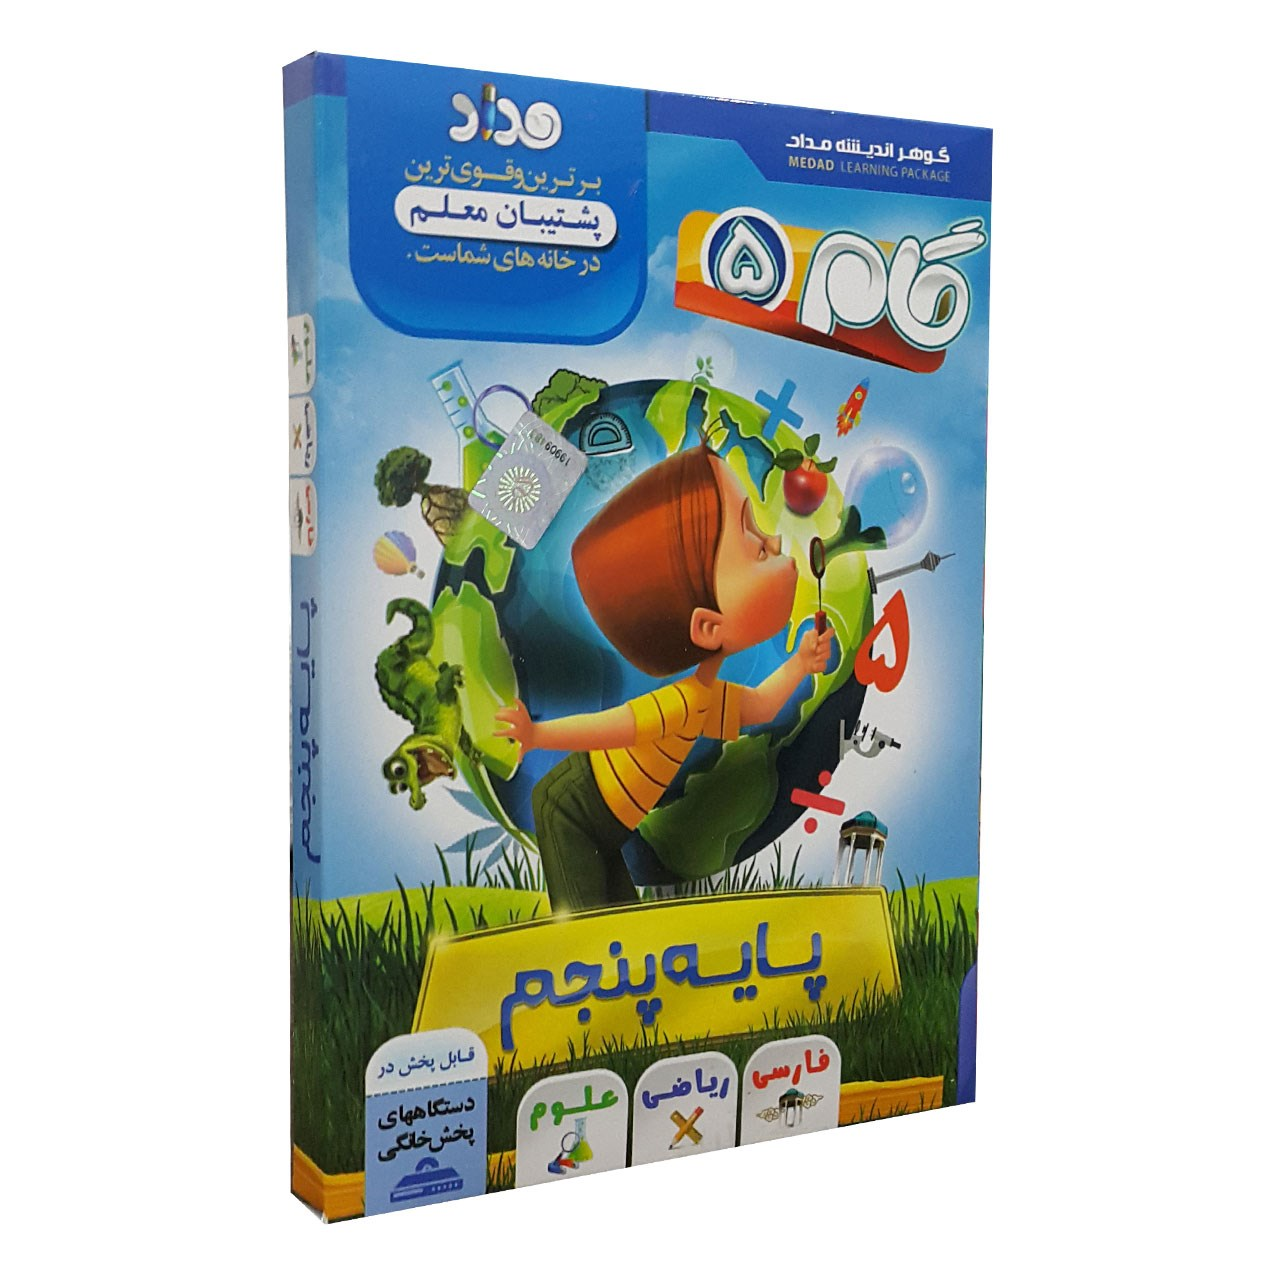 آموزش تصویری ریاضی فارسی علوم پنجم دبستان نشر مداد